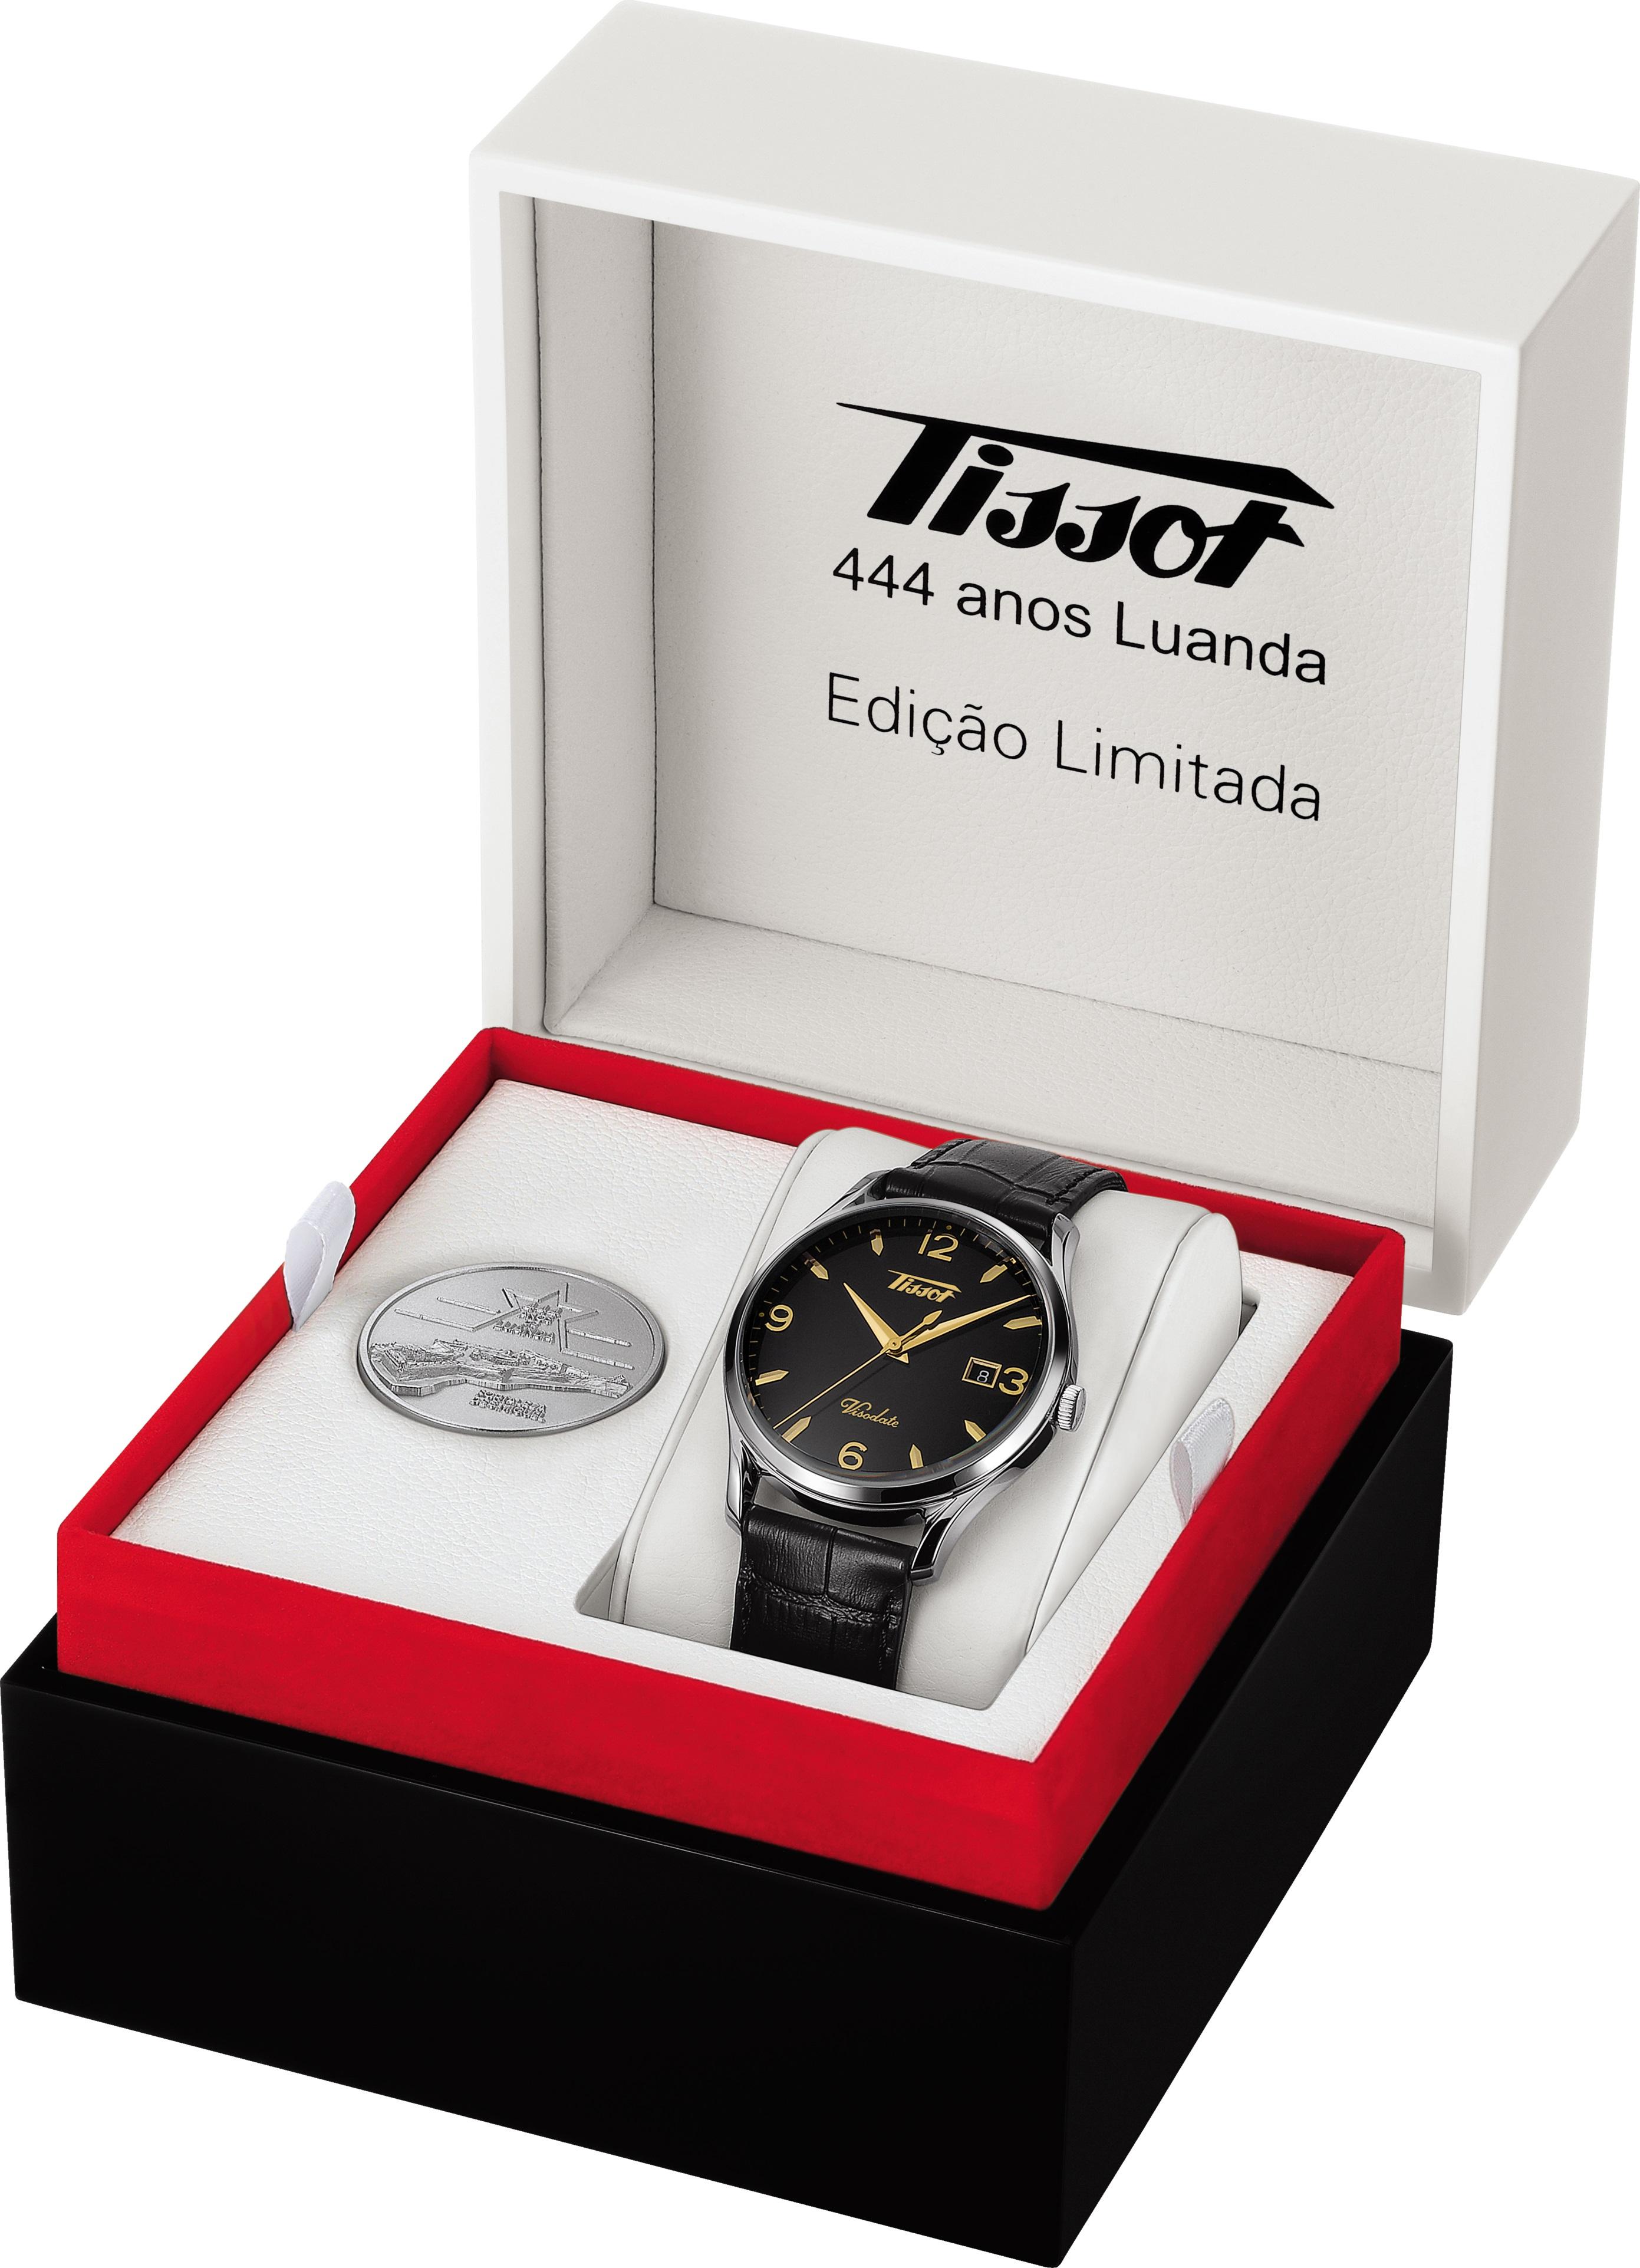 Tissot celebra 444 anos de Luanda Com relógio de edição limitada e numerada